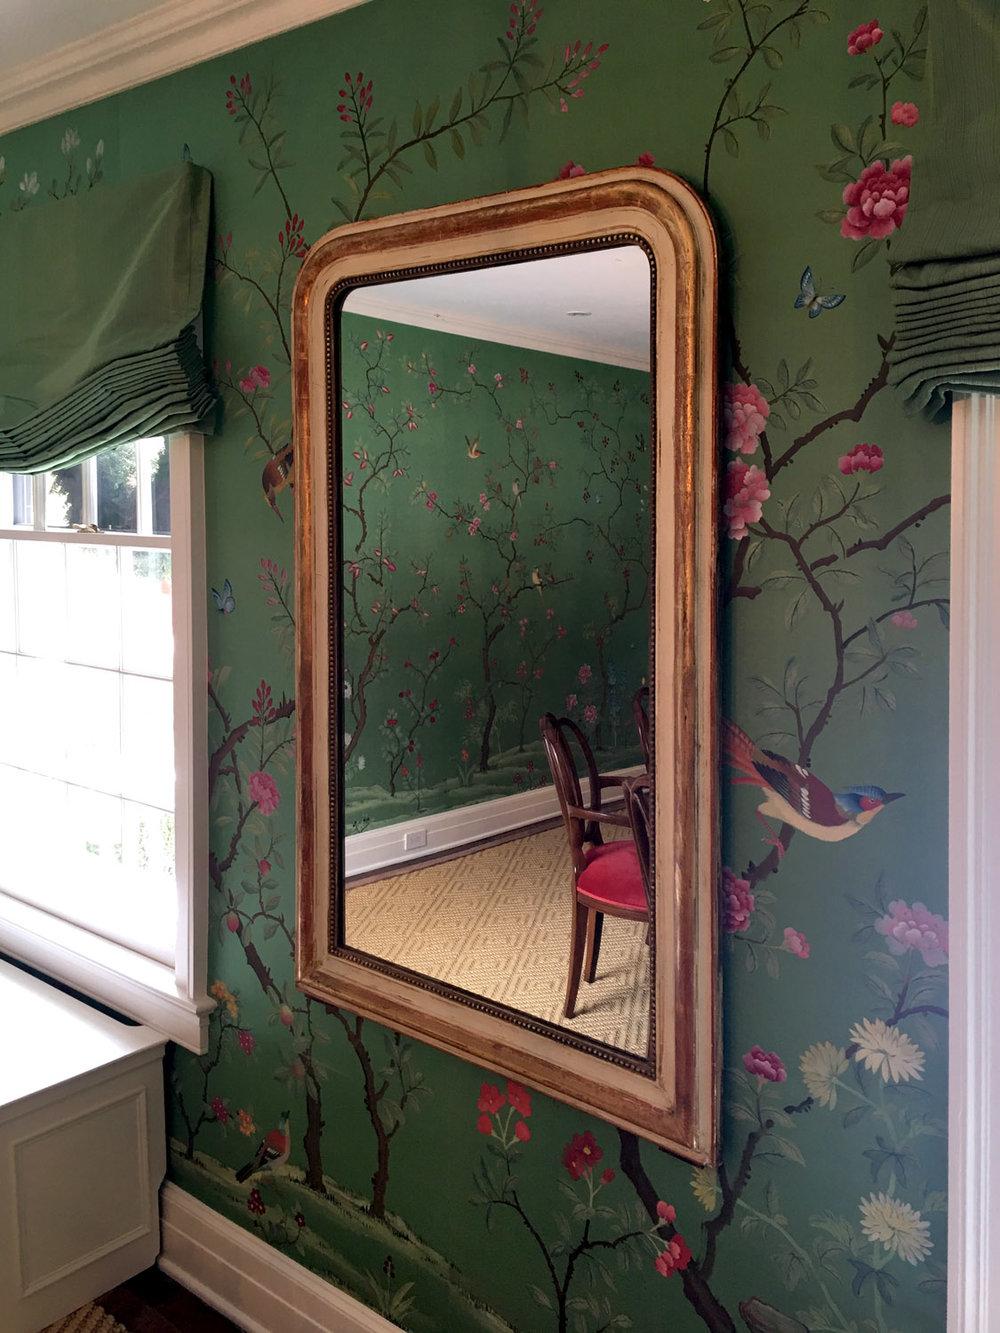 green-wallpaper-mirror.jpg